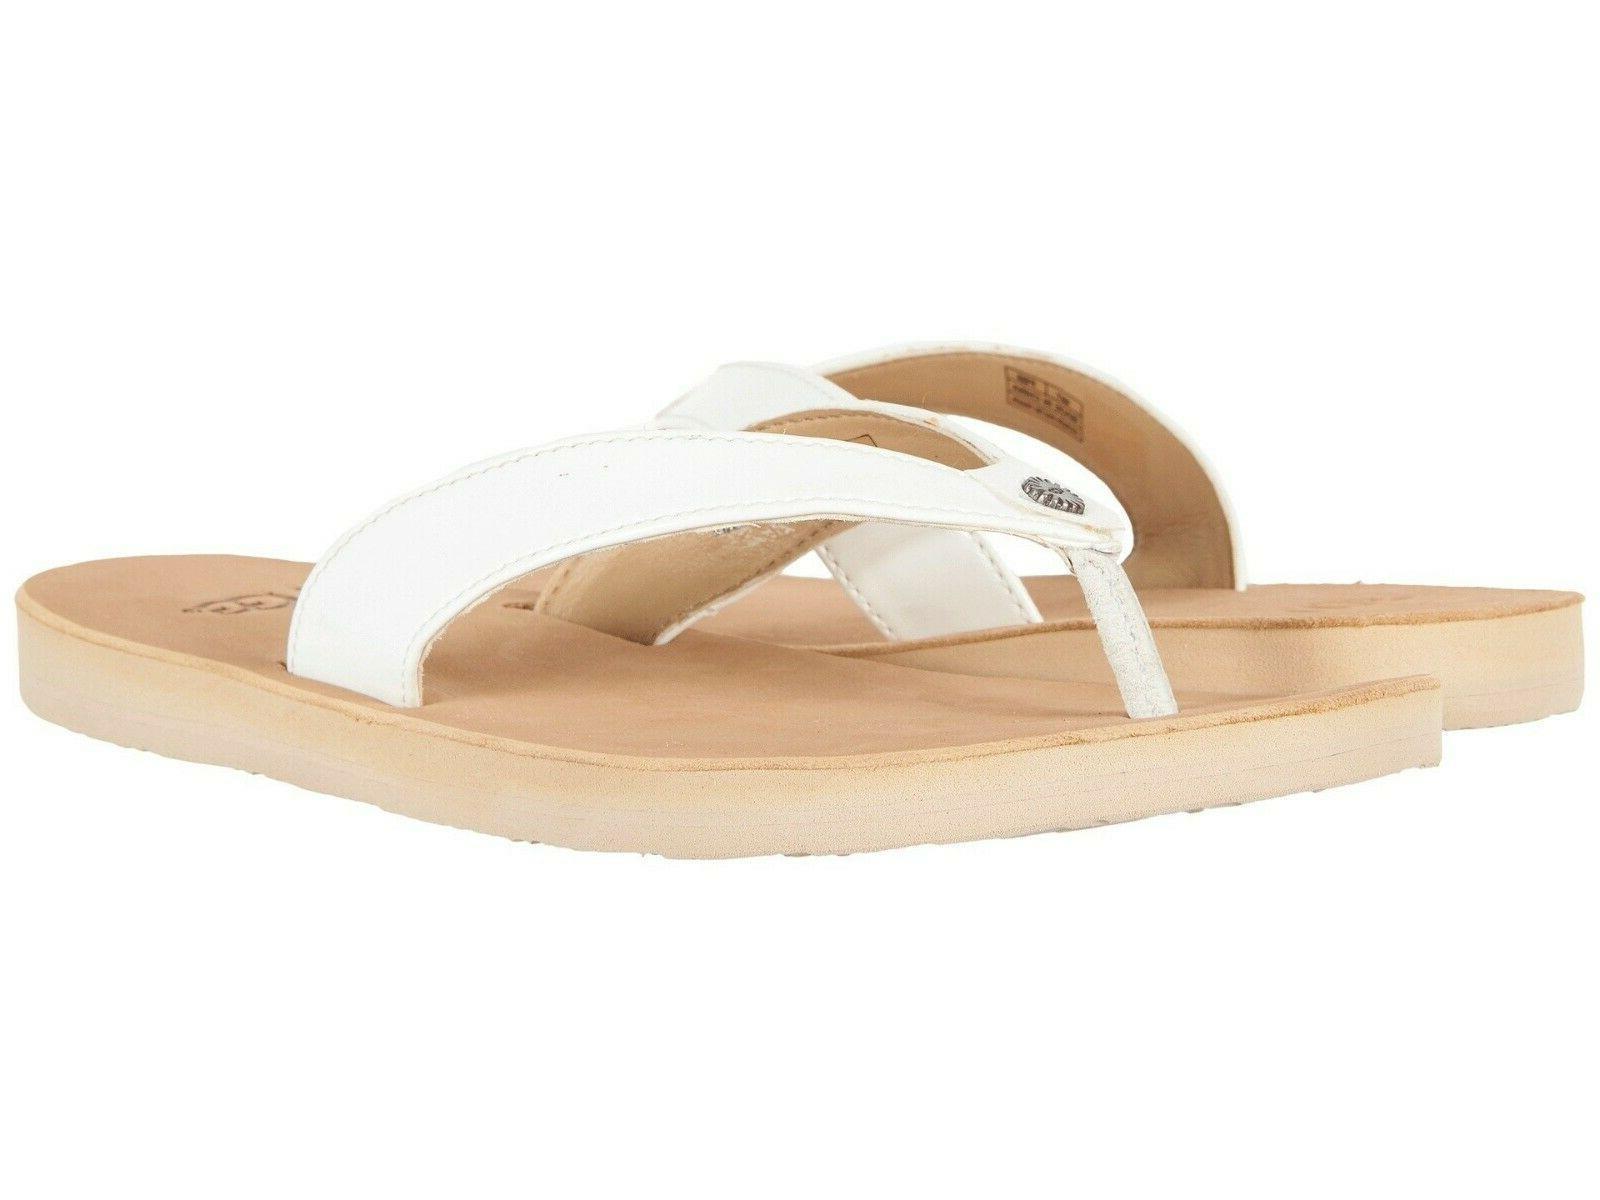 new brand womens white flip flops thong